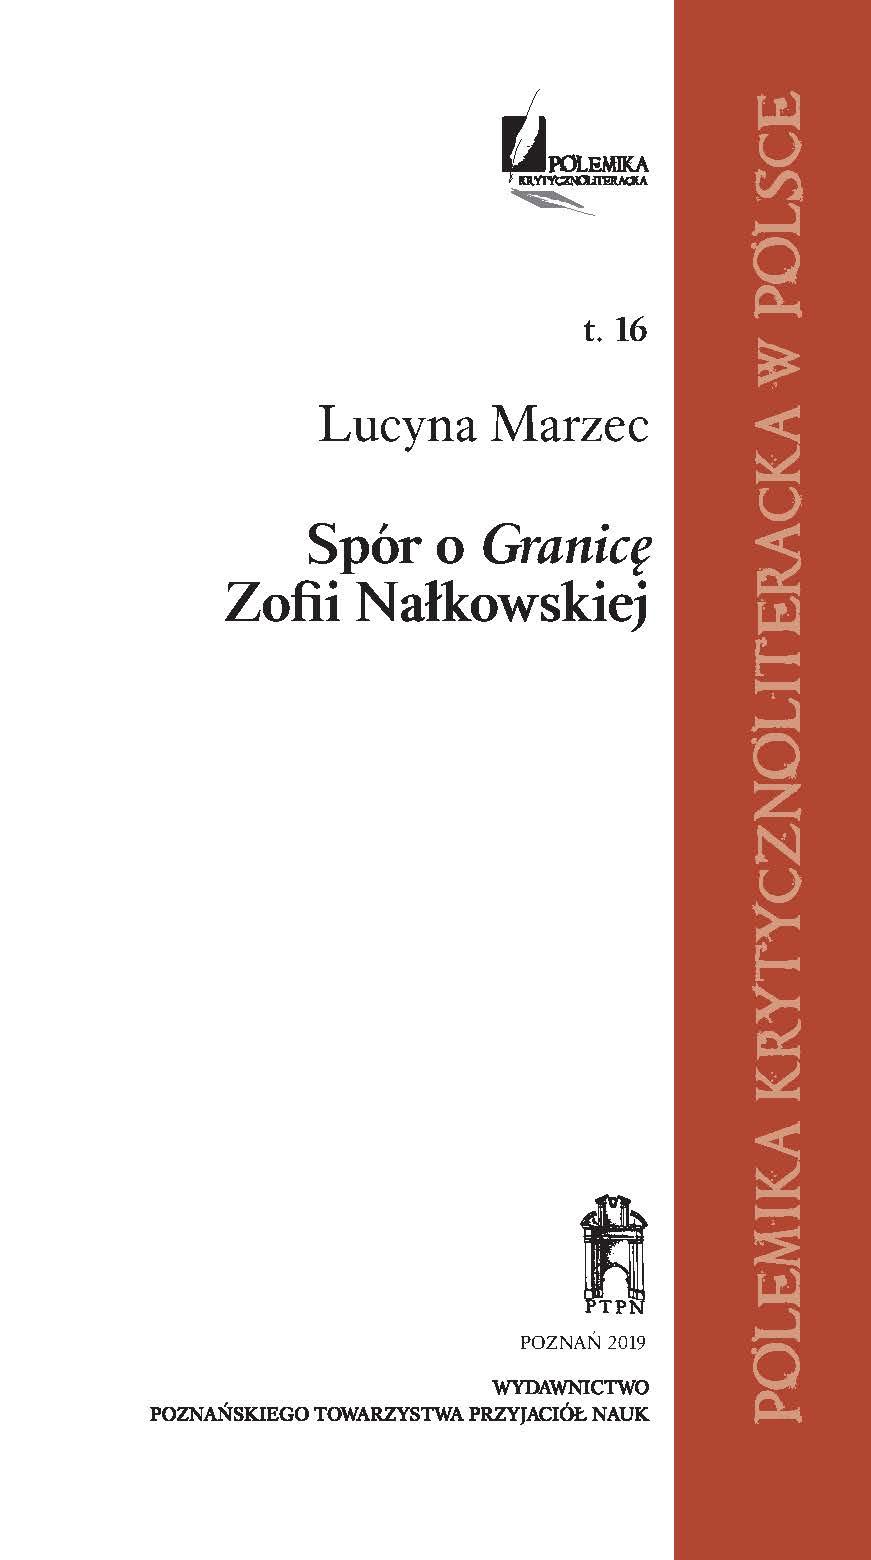 Spór o Granicę Zofii Nałkowskiej – Wydawnictwo PTPN